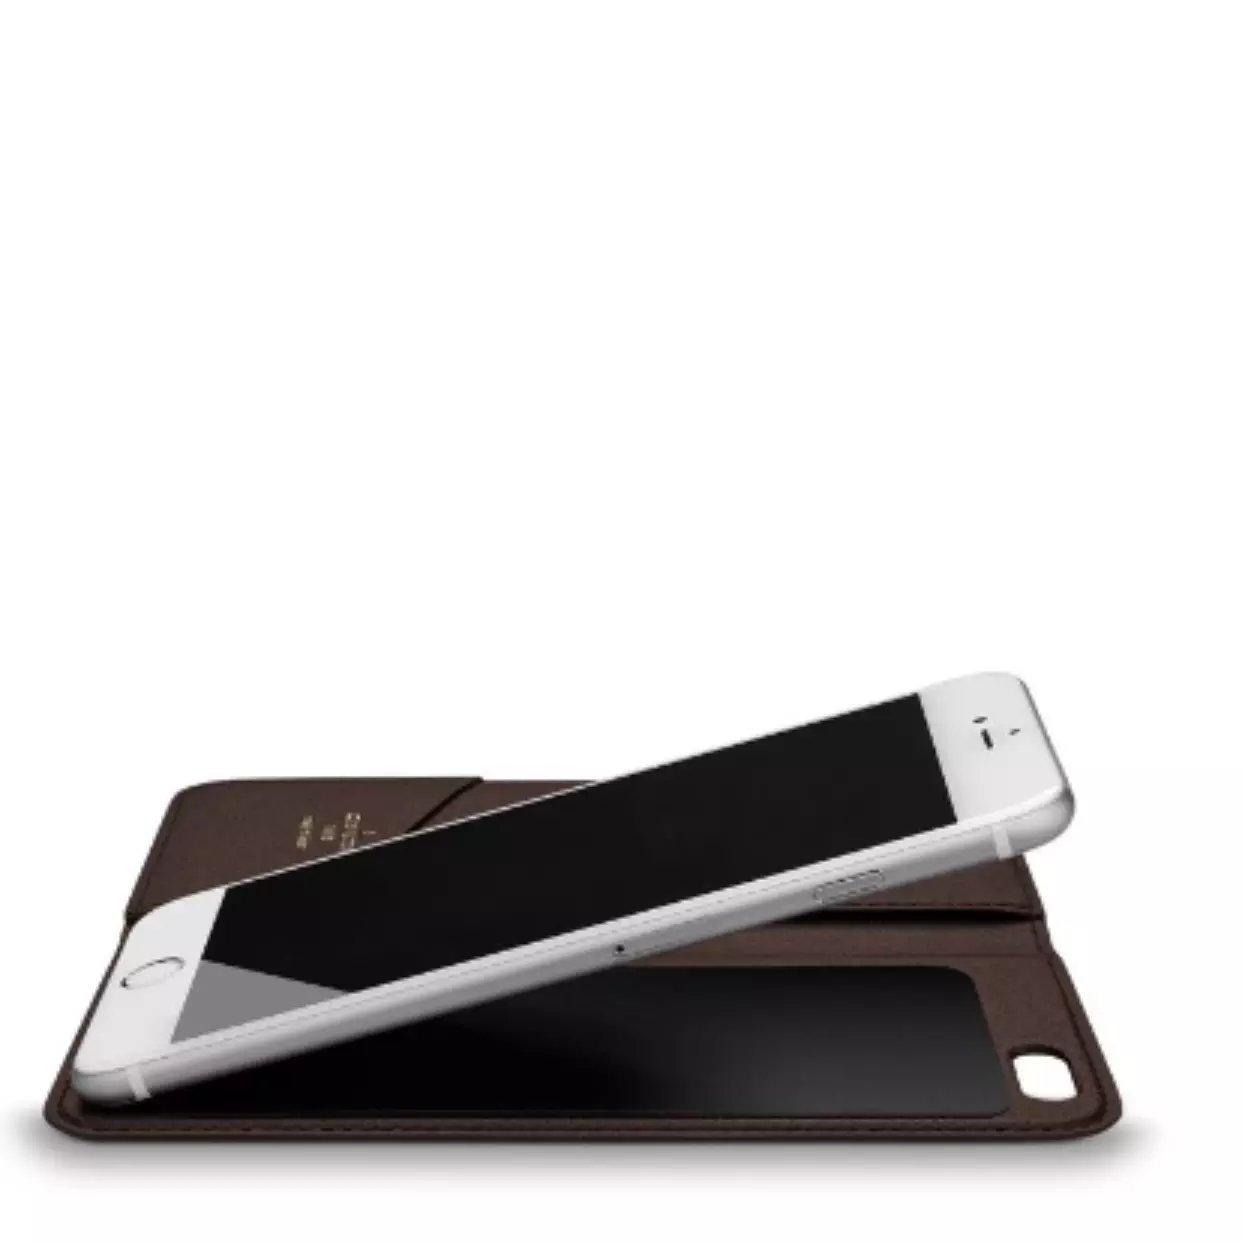 schöne iphone hüllen iphone case selbst gestalten Louis Vuitton iphone6s plus hülle smartphone ca6s bedrucken iphone 6 megapixel kamera iphone 6s Plus hülle 6slber machen flip ca6s iphone 6s Plus leder handyhülle iphone 3gs 6slbst gestalten schutzhülle iphone 6s Plus 6slbst gestalten